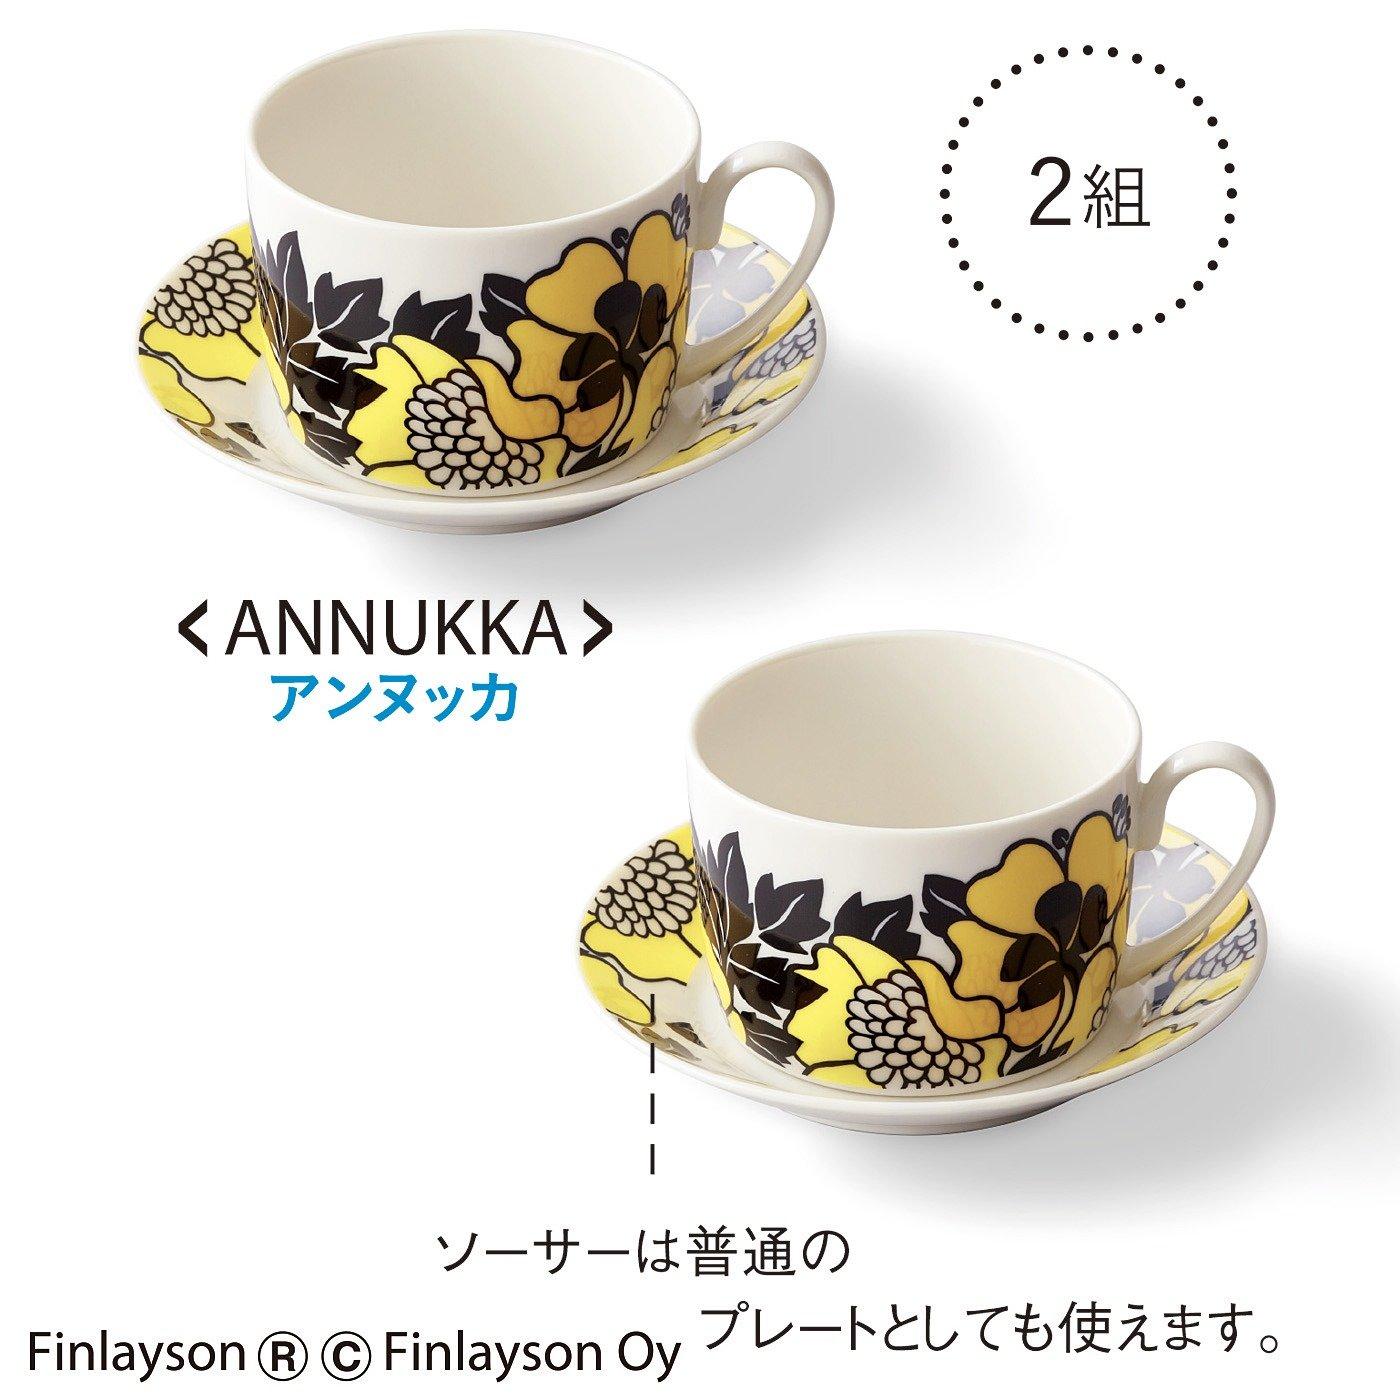 【3~10日でお届け】フィンレイソン ペアカップ&ソーサーセット〈アンヌッカ〉